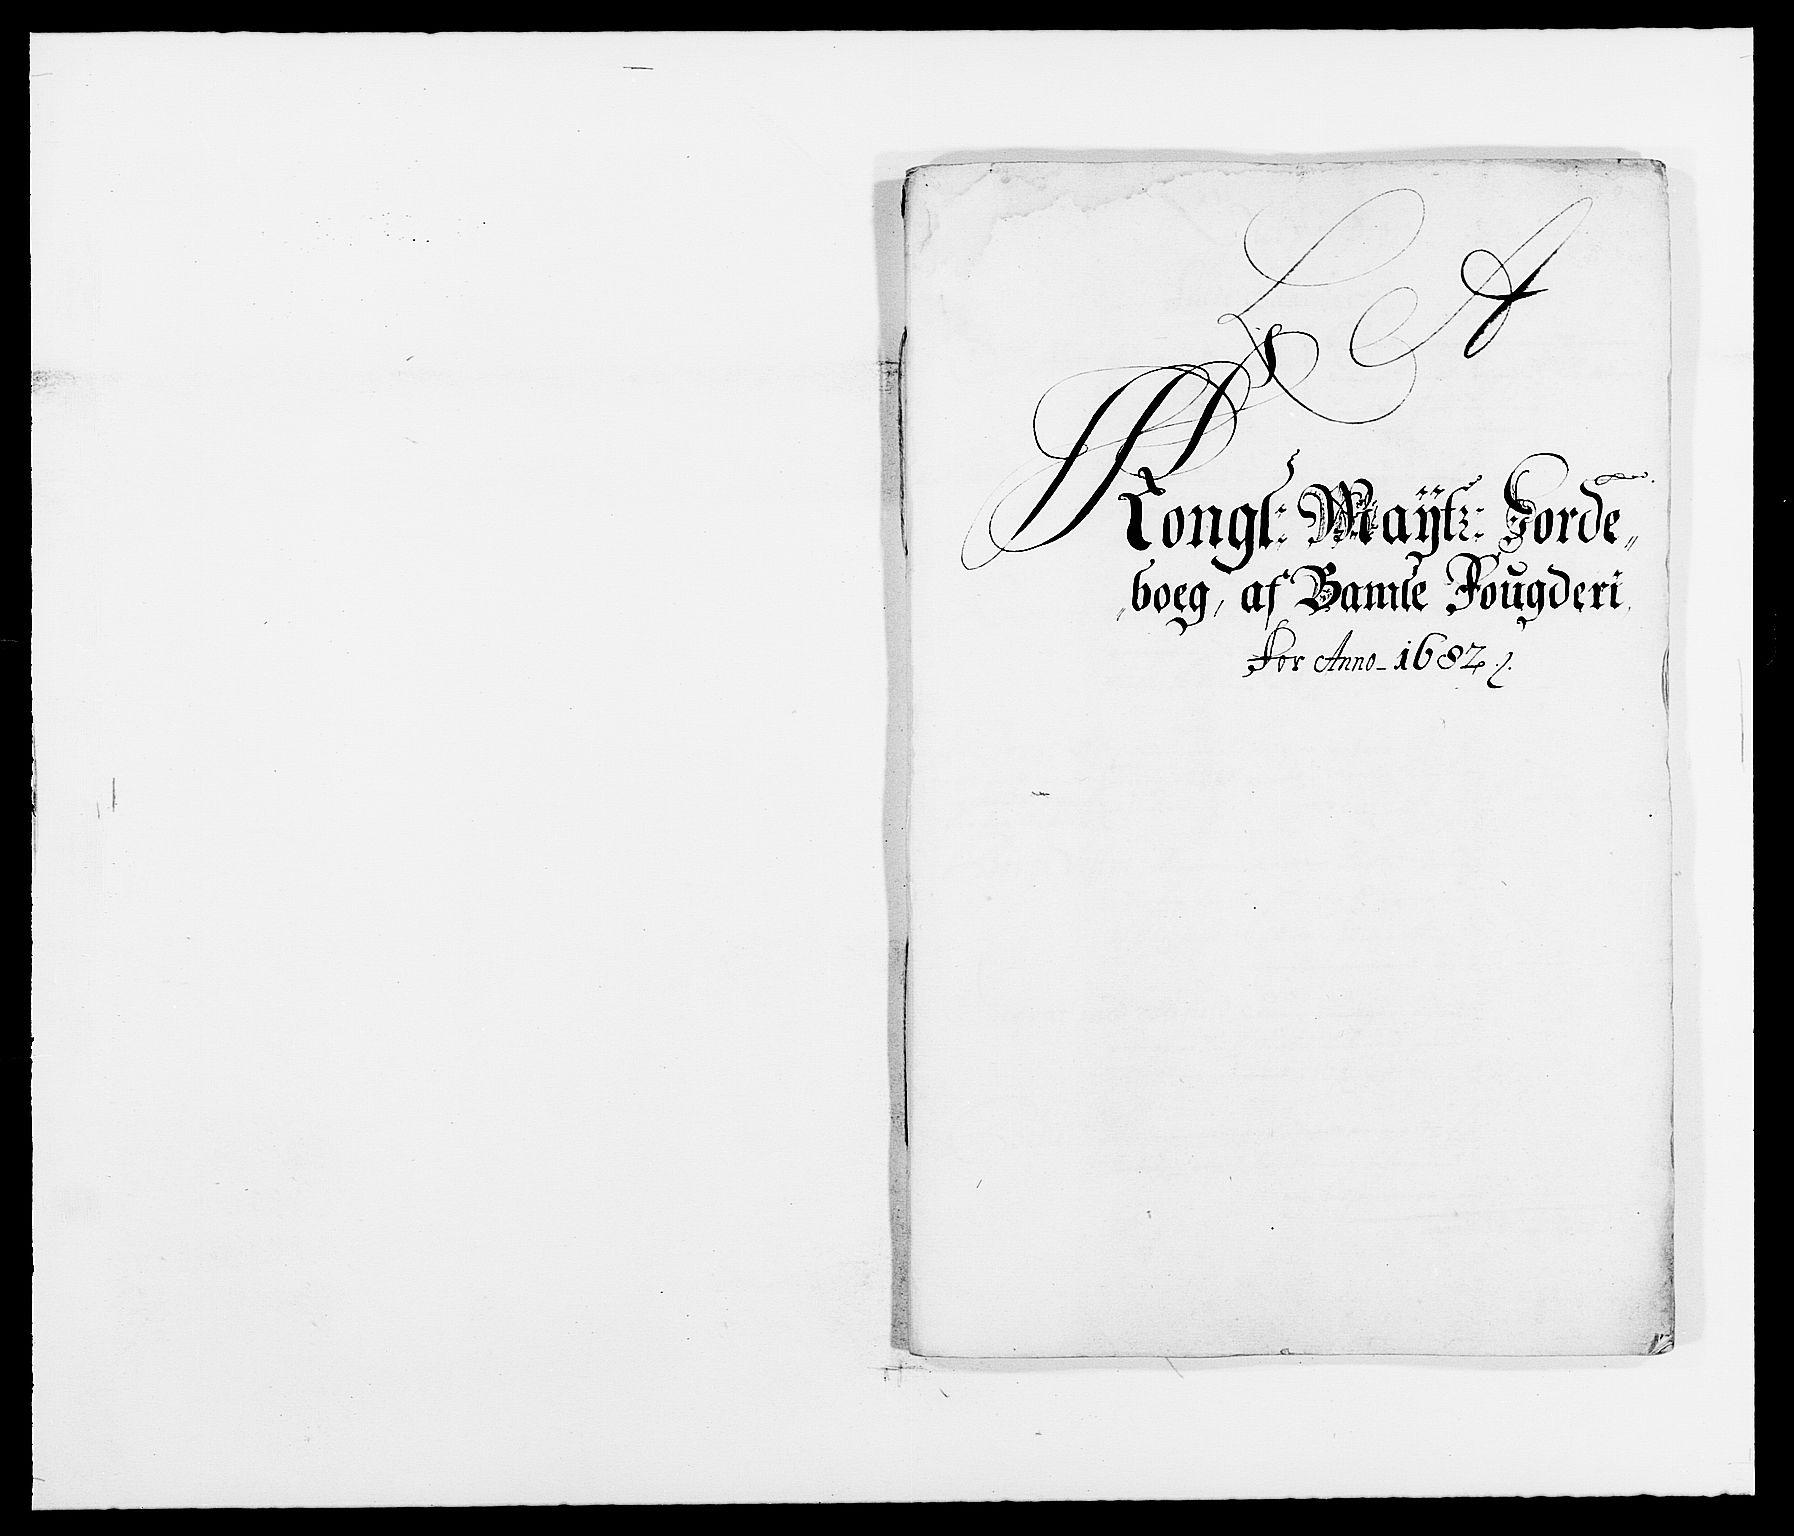 RA, Rentekammeret inntil 1814, Reviderte regnskaper, Fogderegnskap, R34/L2046: Fogderegnskap Bamble, 1682-1683, s. 5